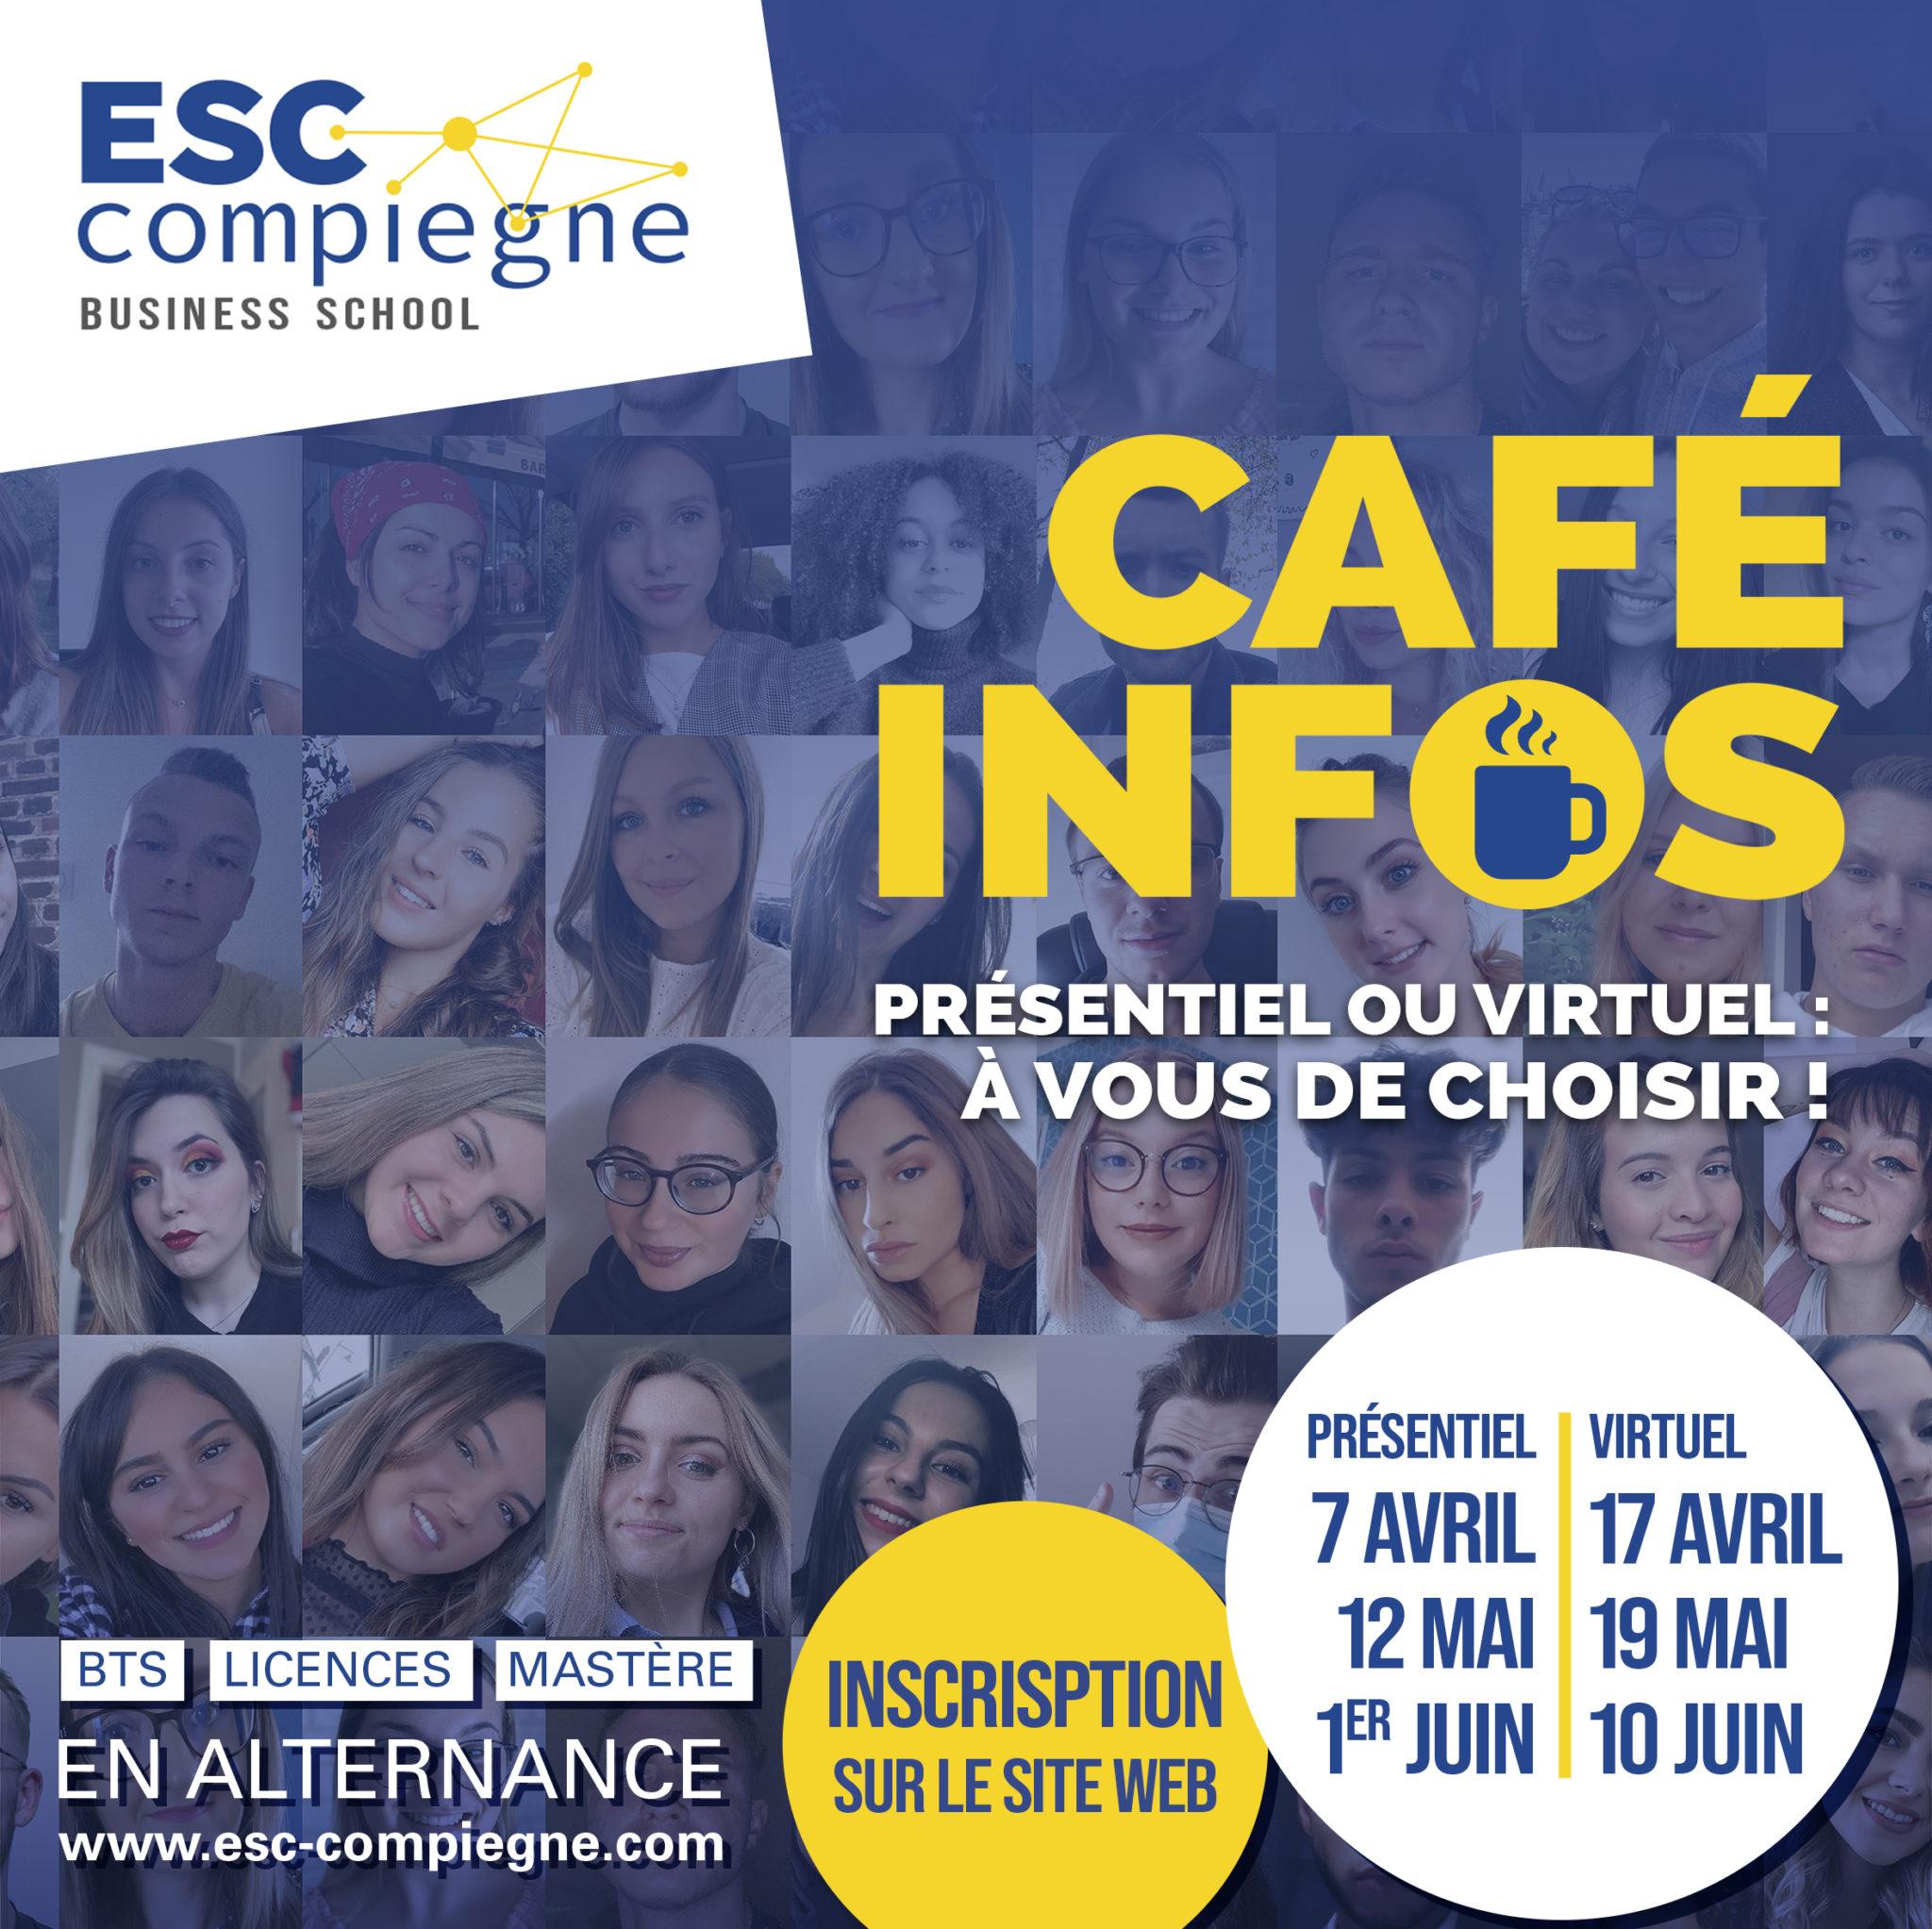 ESCC-Cafe-Infos-2021-Insta